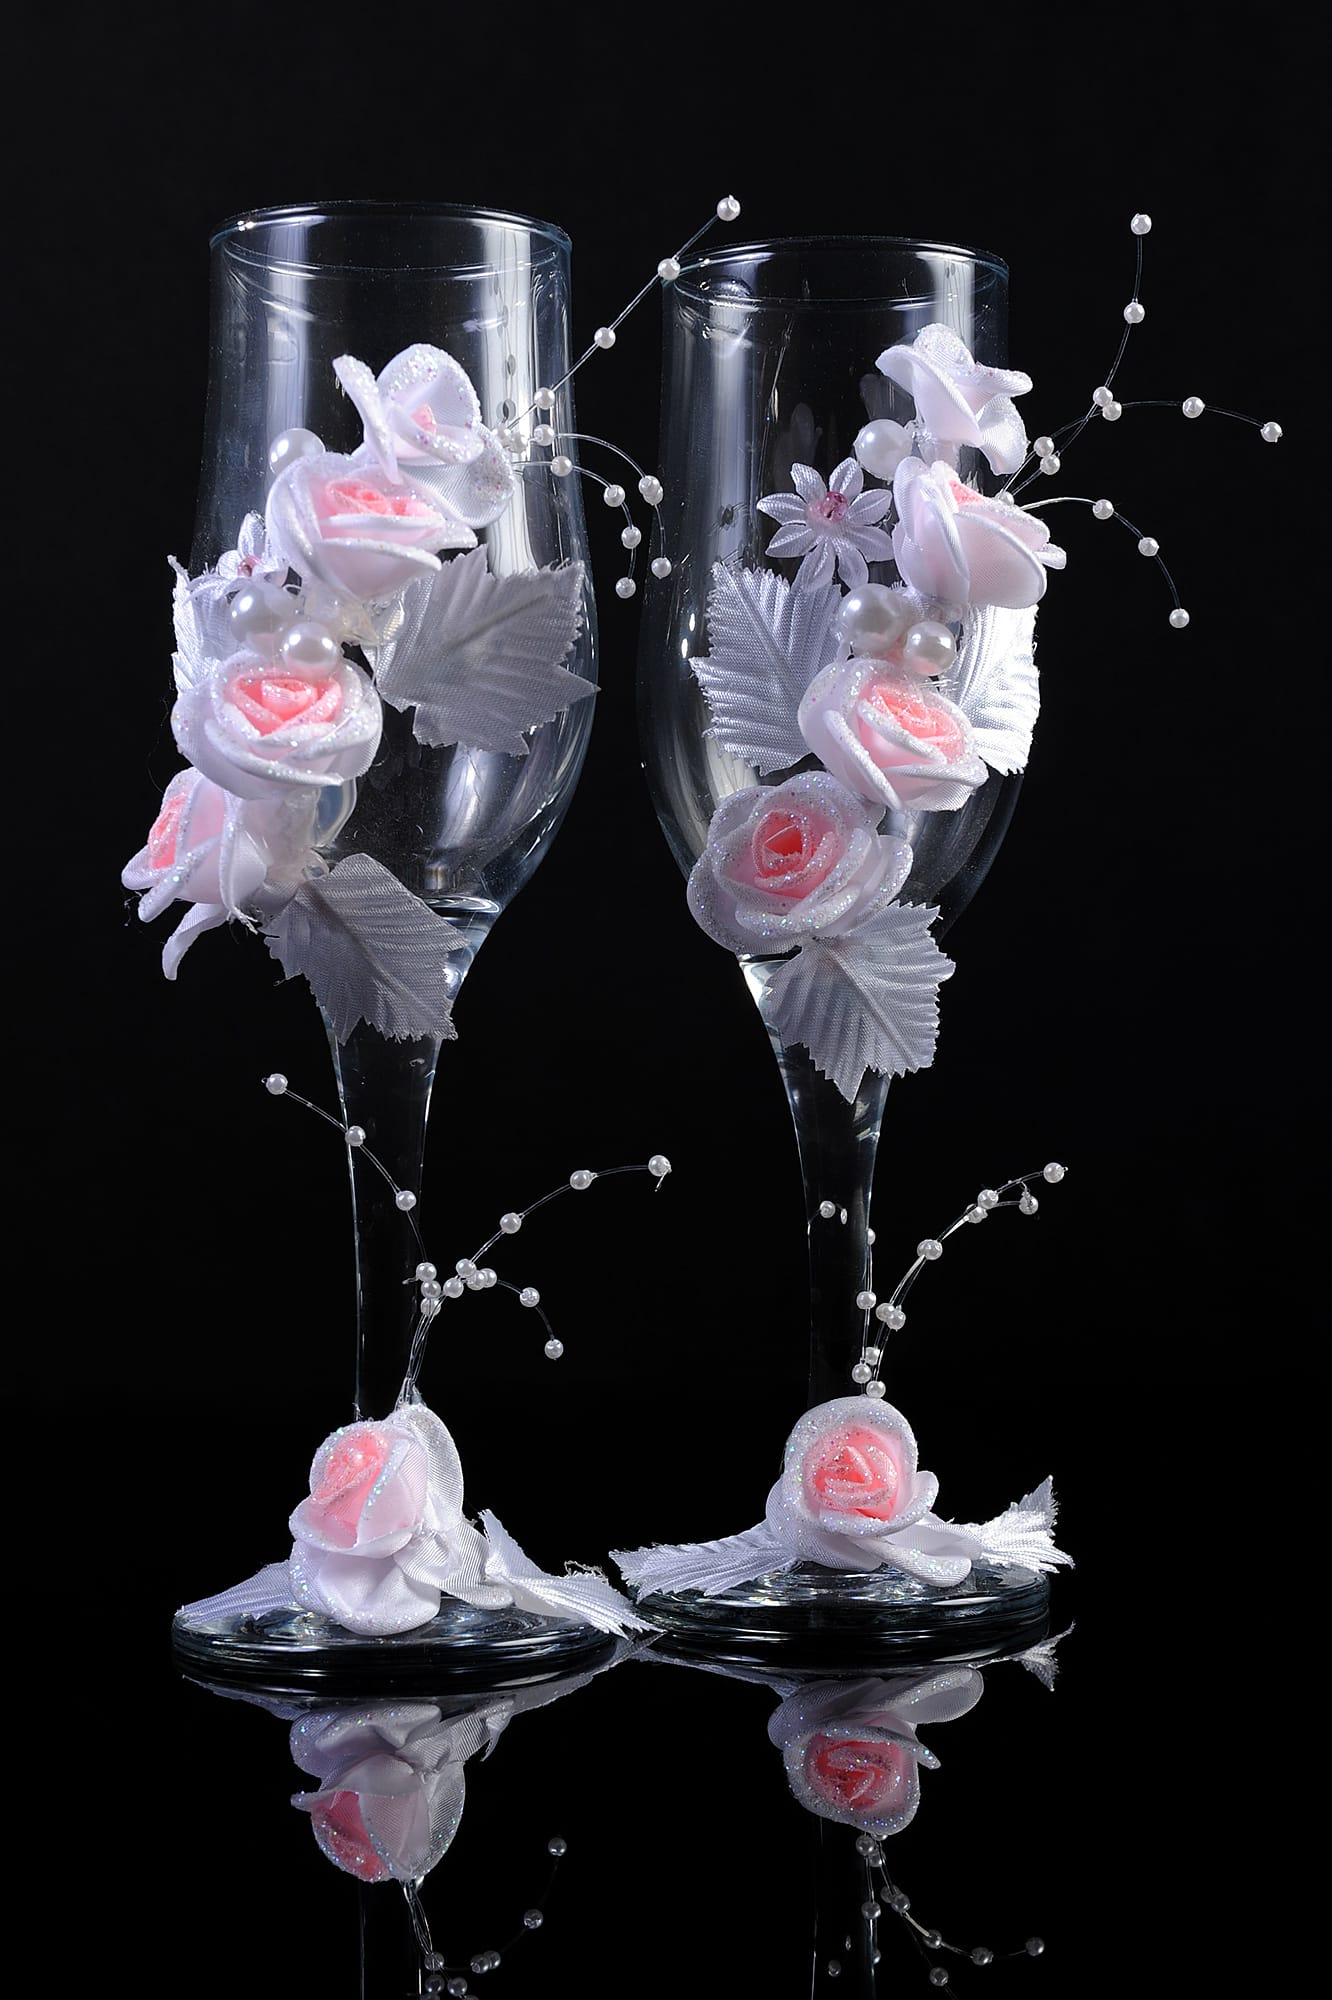 Нежные свадебные фужеры с отделкой объемными цветочными бутонами.